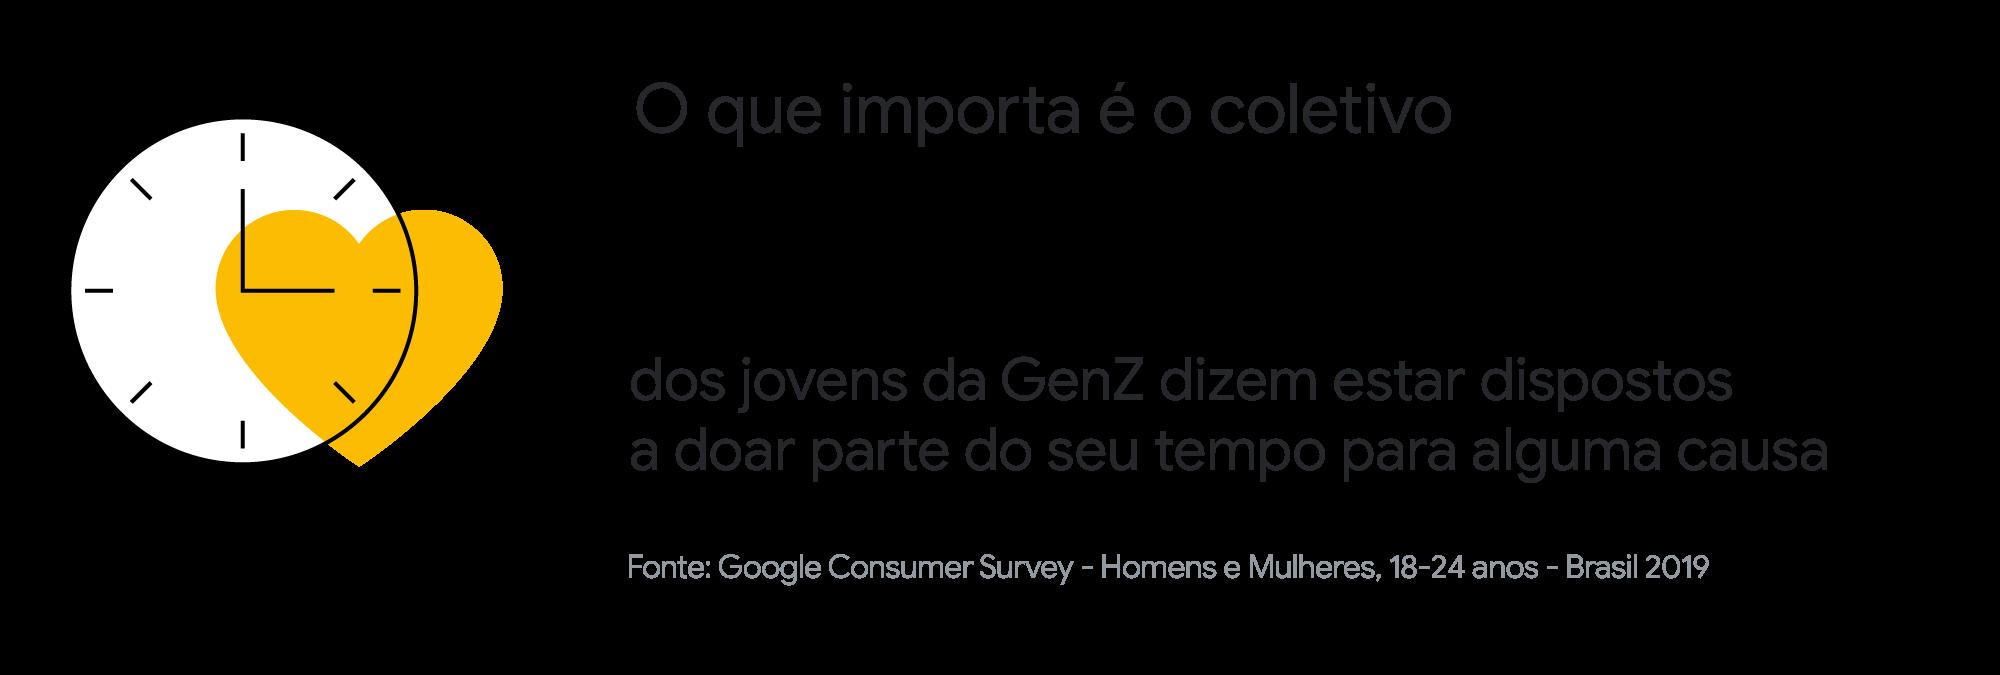 Geração Z, influenciadores e conteúdo na web: como conversar com o público que tem transformado a cultura na internet?